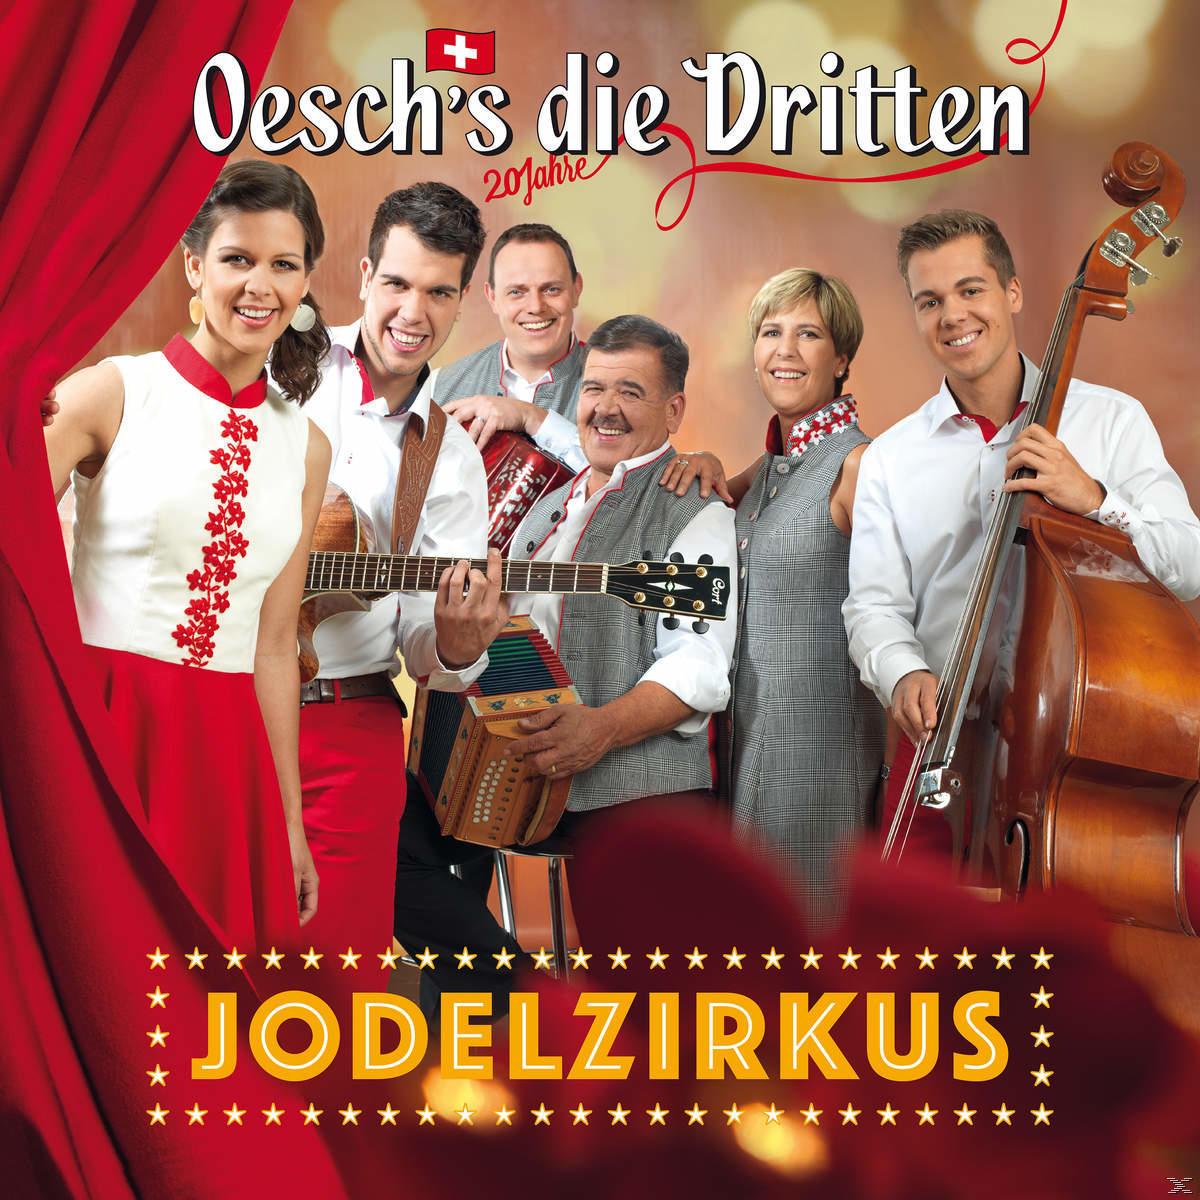 Jodelzirkus (Oesch's Die Dritten) für 17,99 Euro